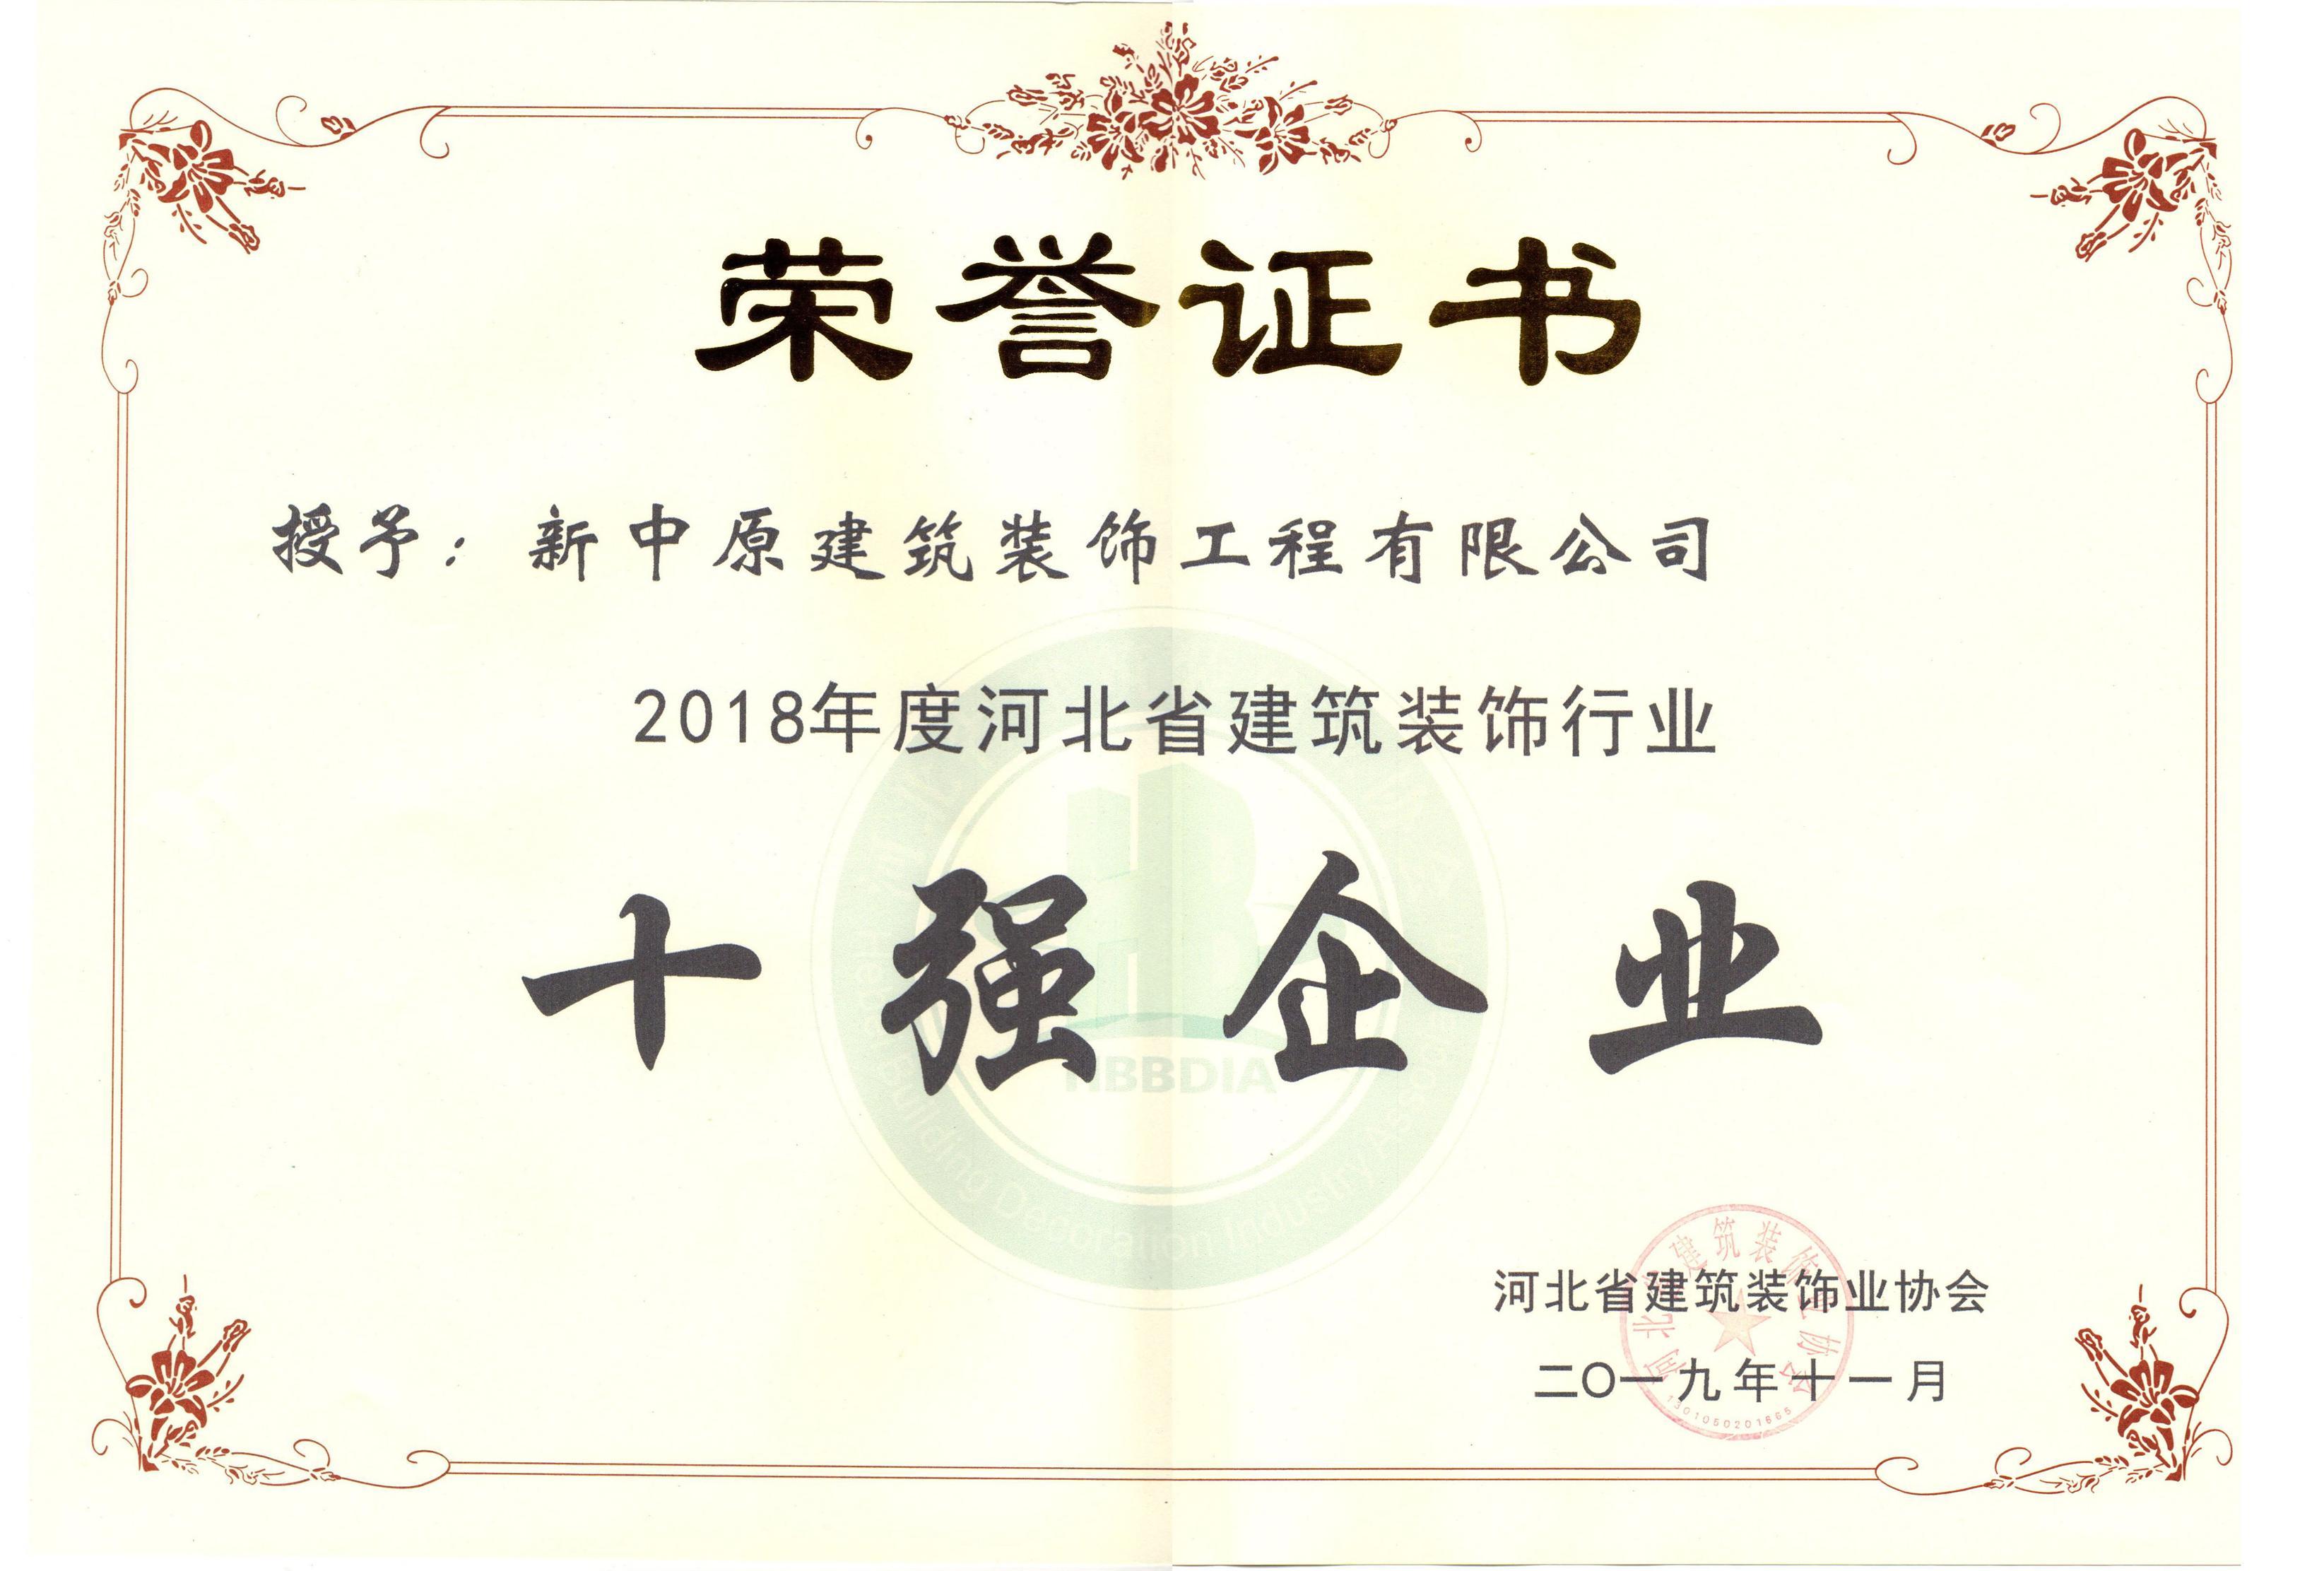 十强企业.JPG